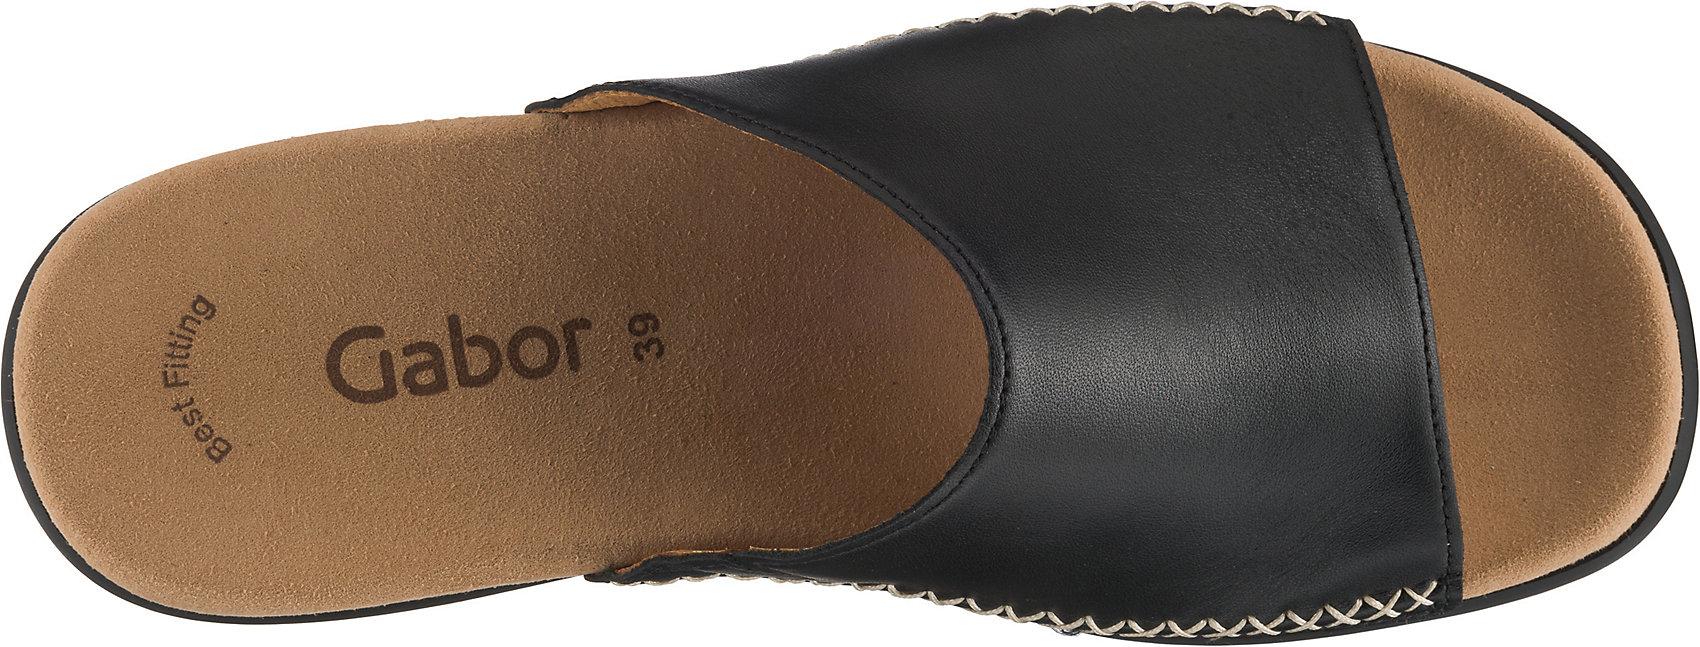 Neu-Gabor-Pantoletten-10749929-fuer-Damen-schwarz Indexbild 7